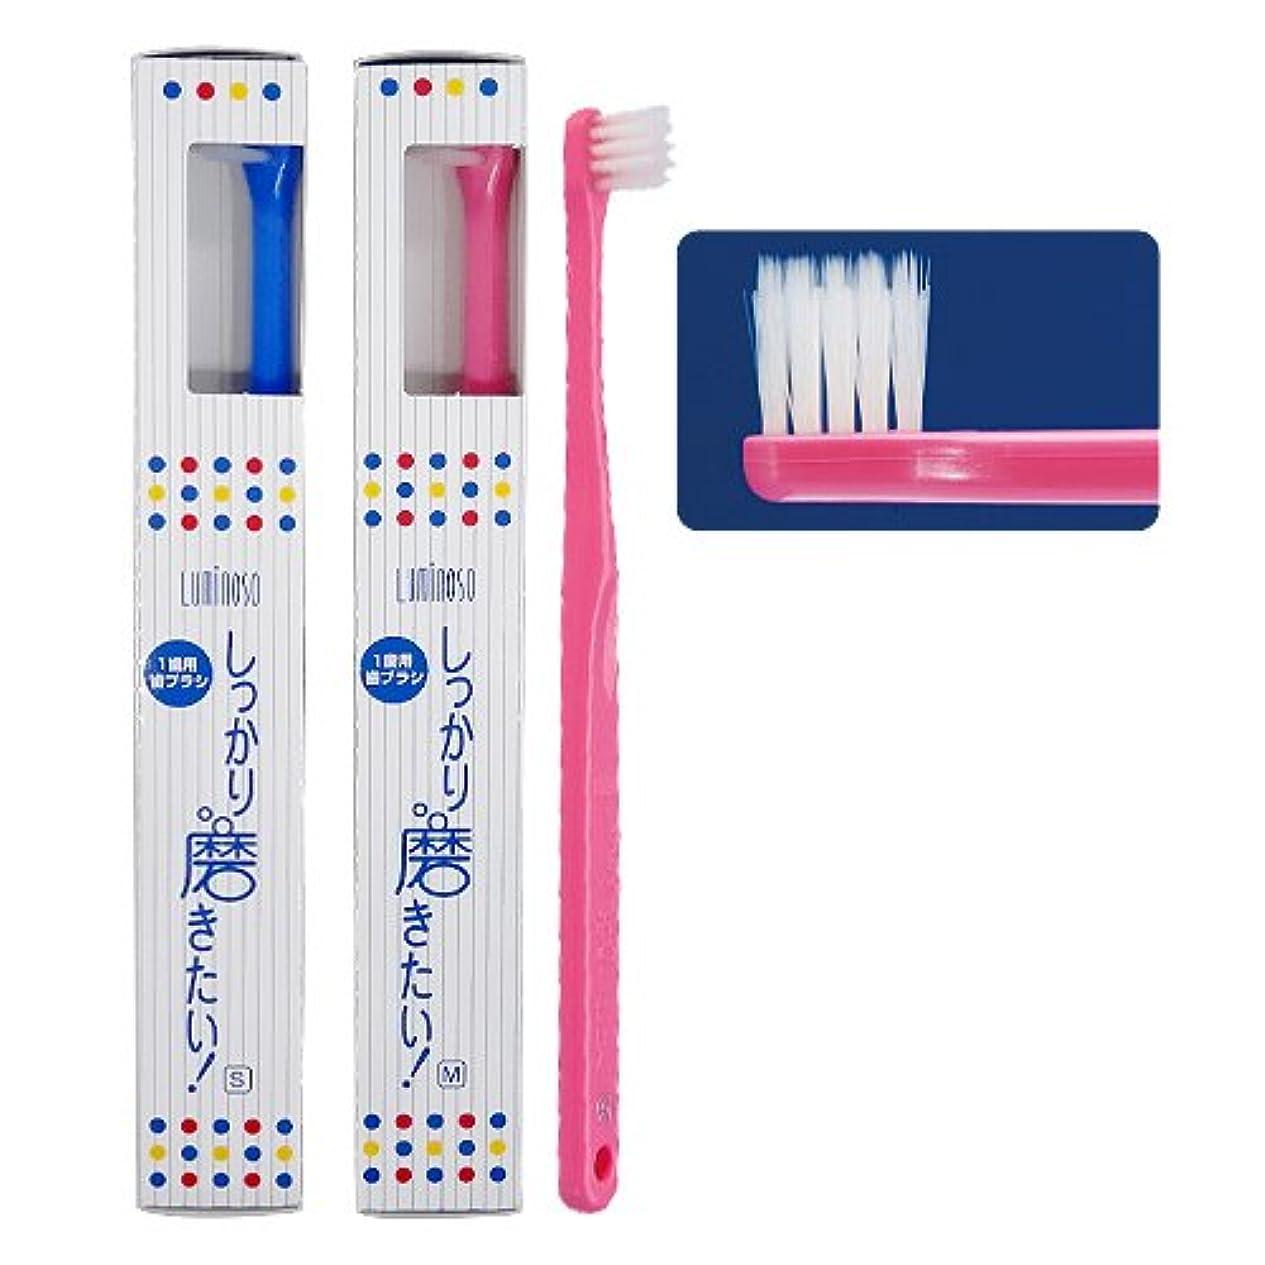 十分です端末別れるルミノソ 1歯用歯ブラシ「しっかり磨きたい!」スタンダード ソフト